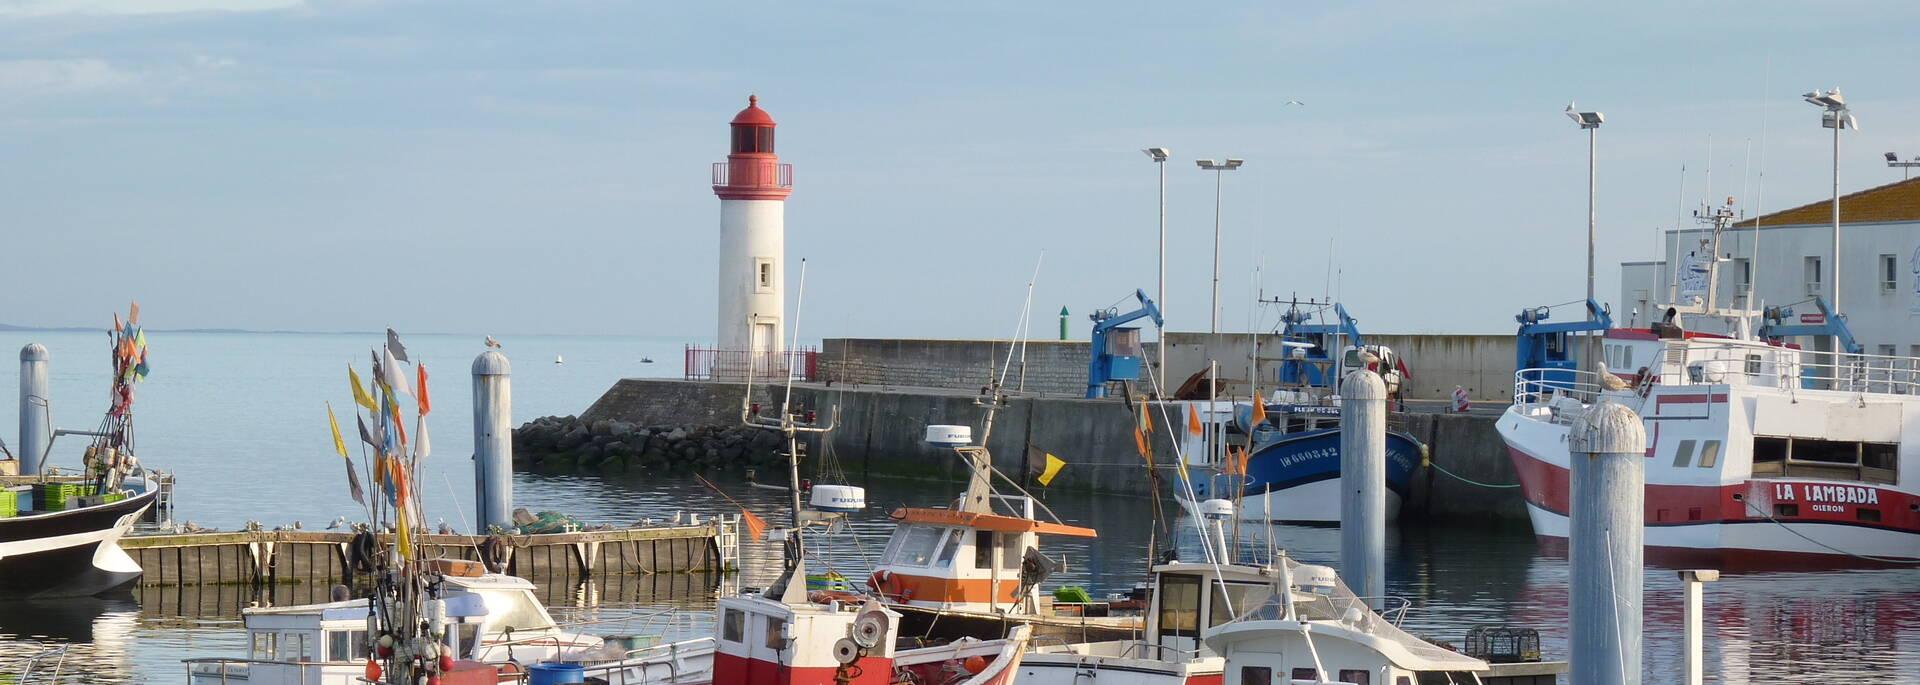 Port de La Cotinière Oléron  ©FDHPA17